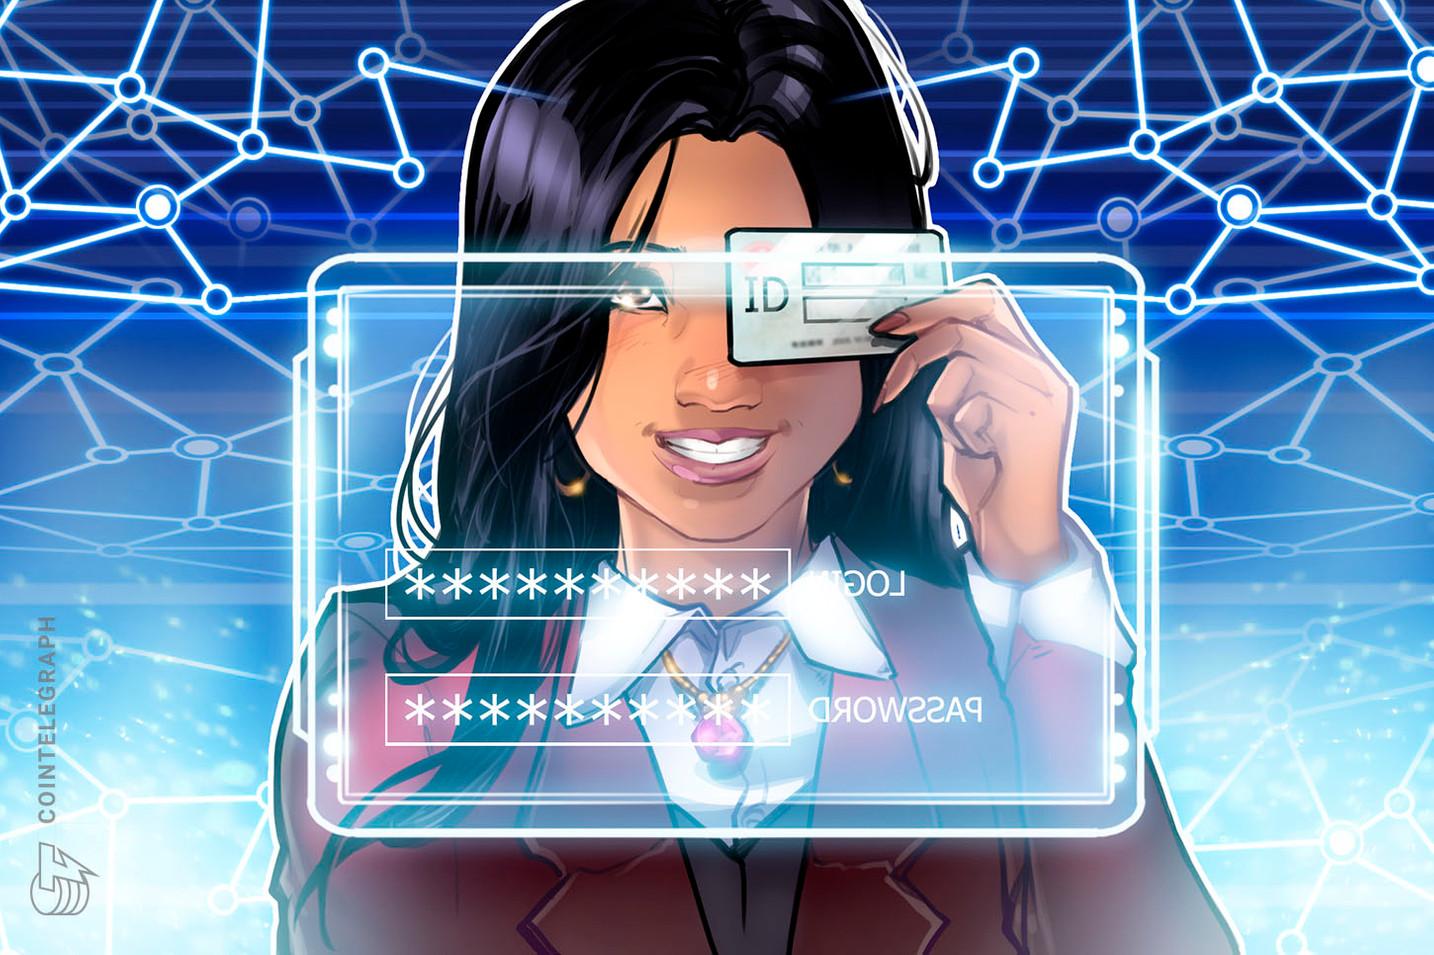 NEC、アルゼンチンでブロックチェーン活用のデジタルID推進 現地NGO「ビットコイン・アルゼンチン」などと協力